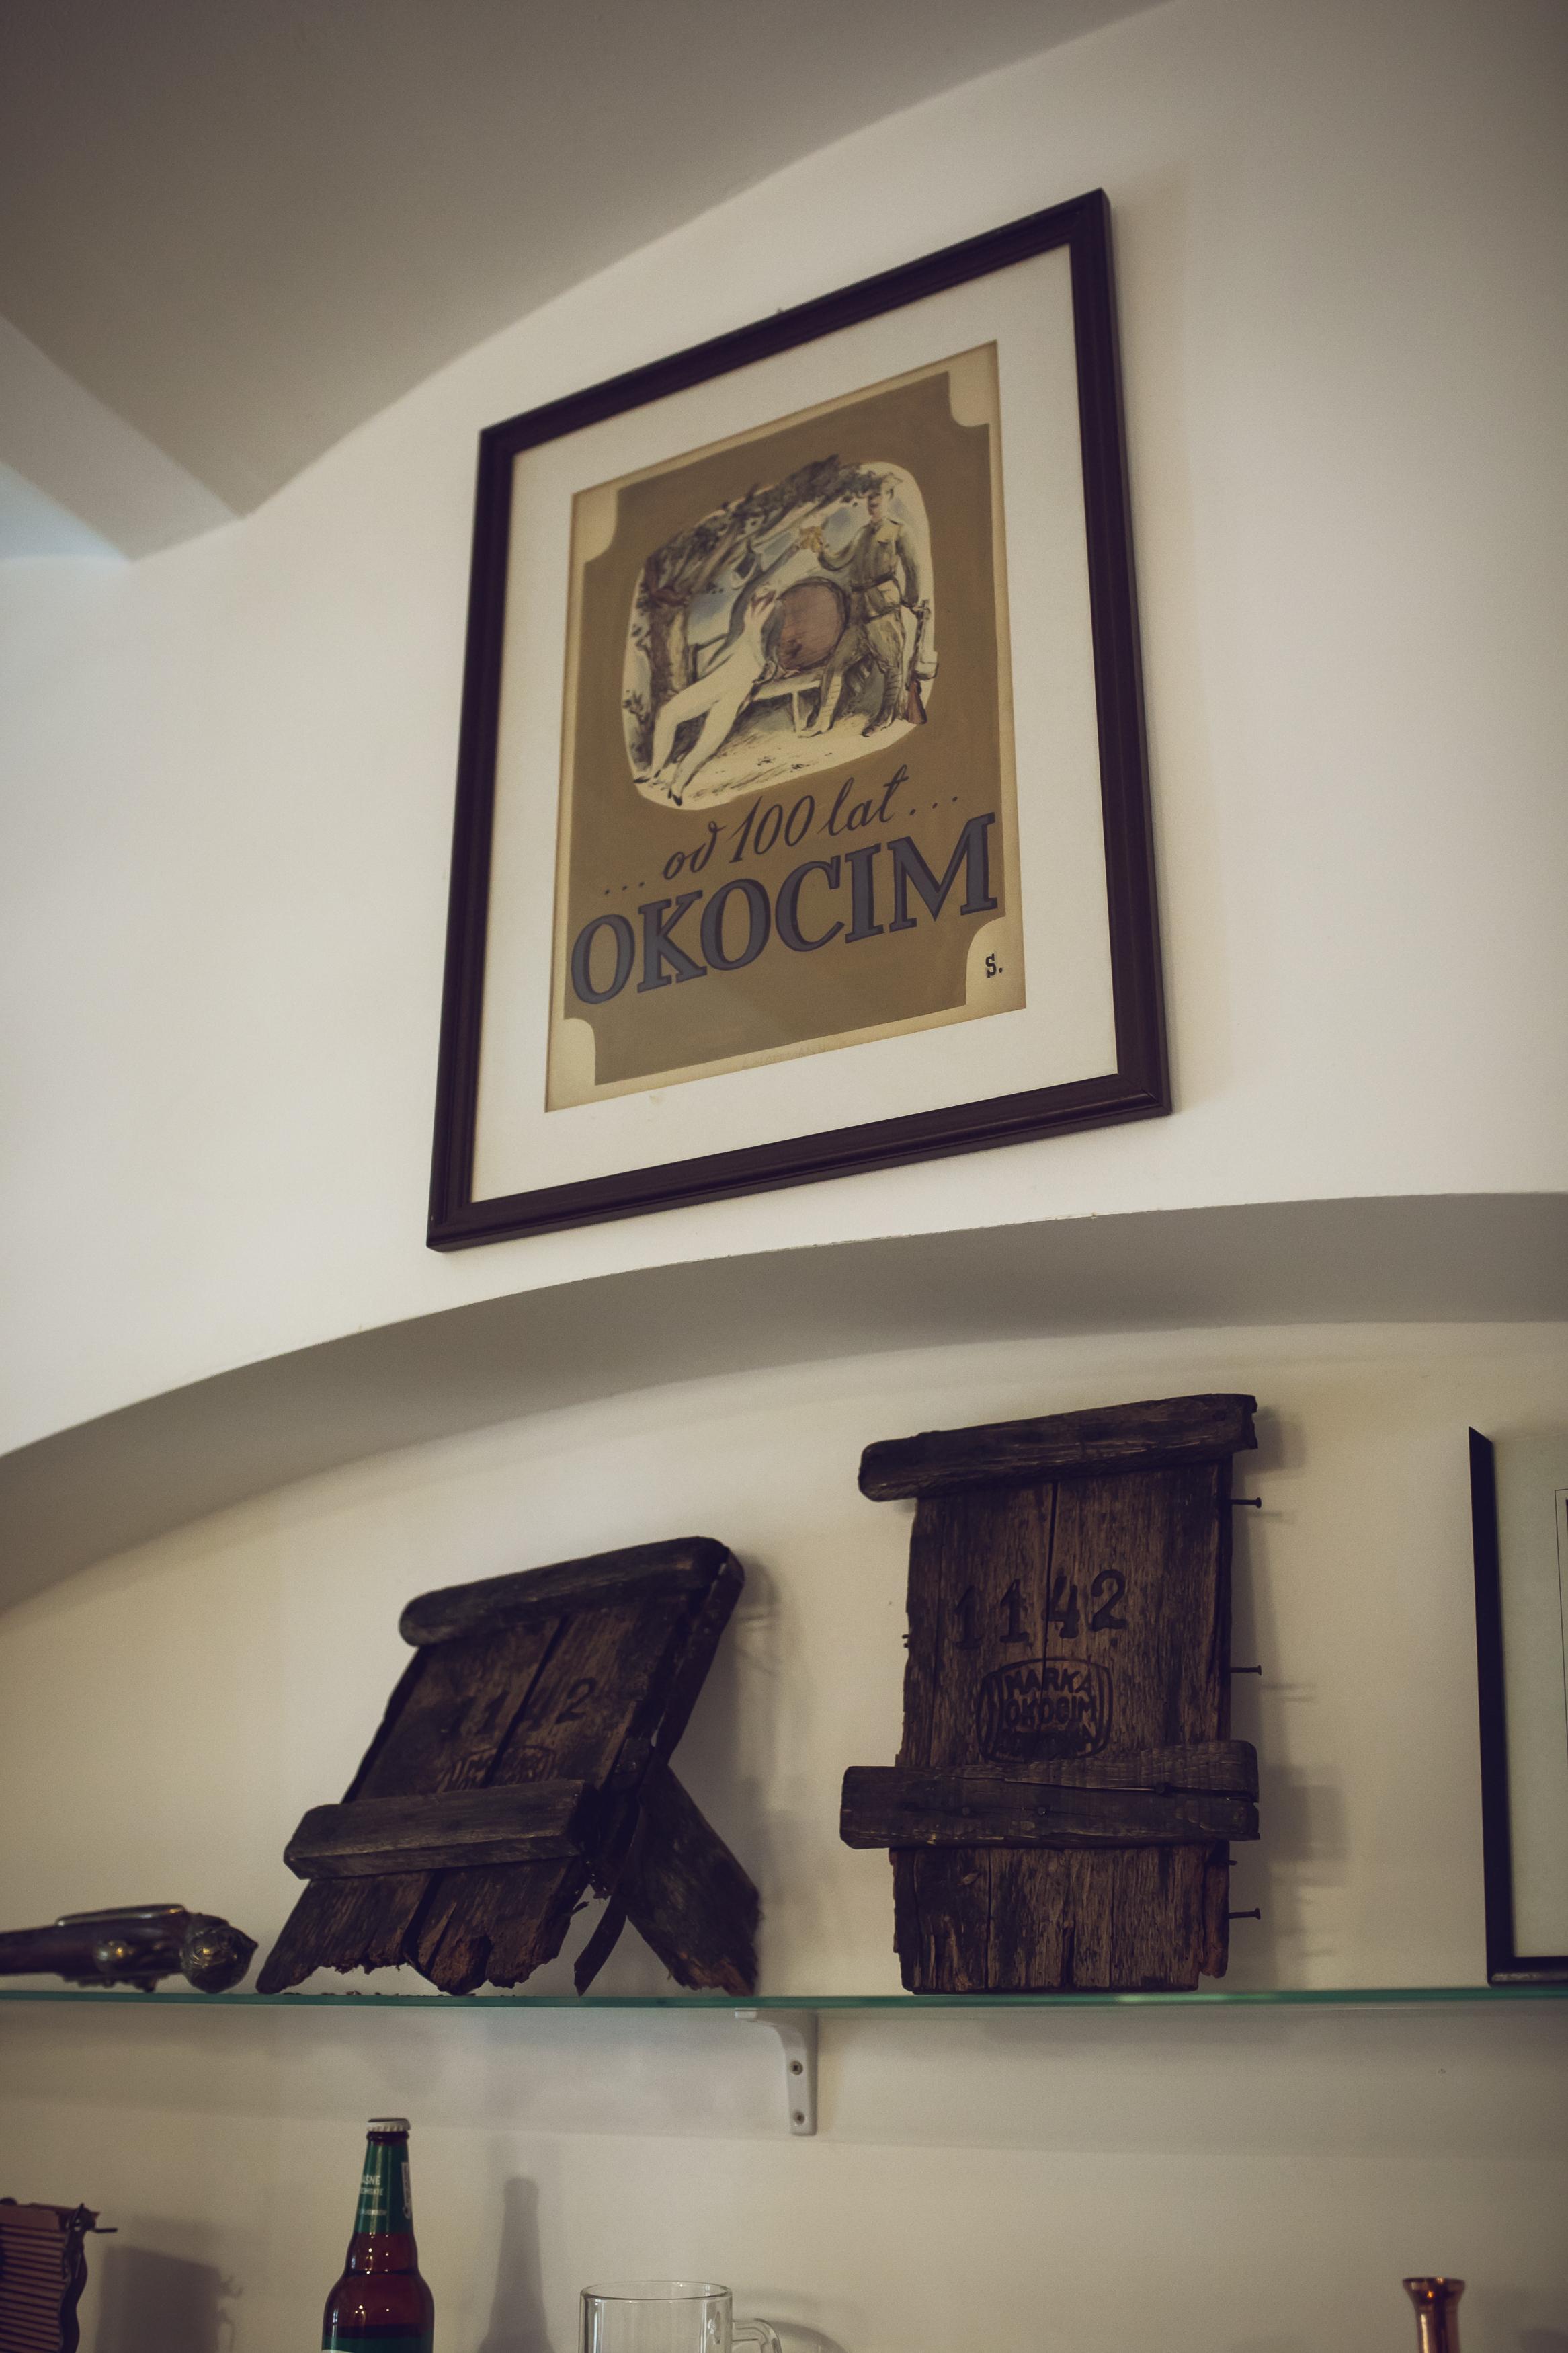 Okocim_357